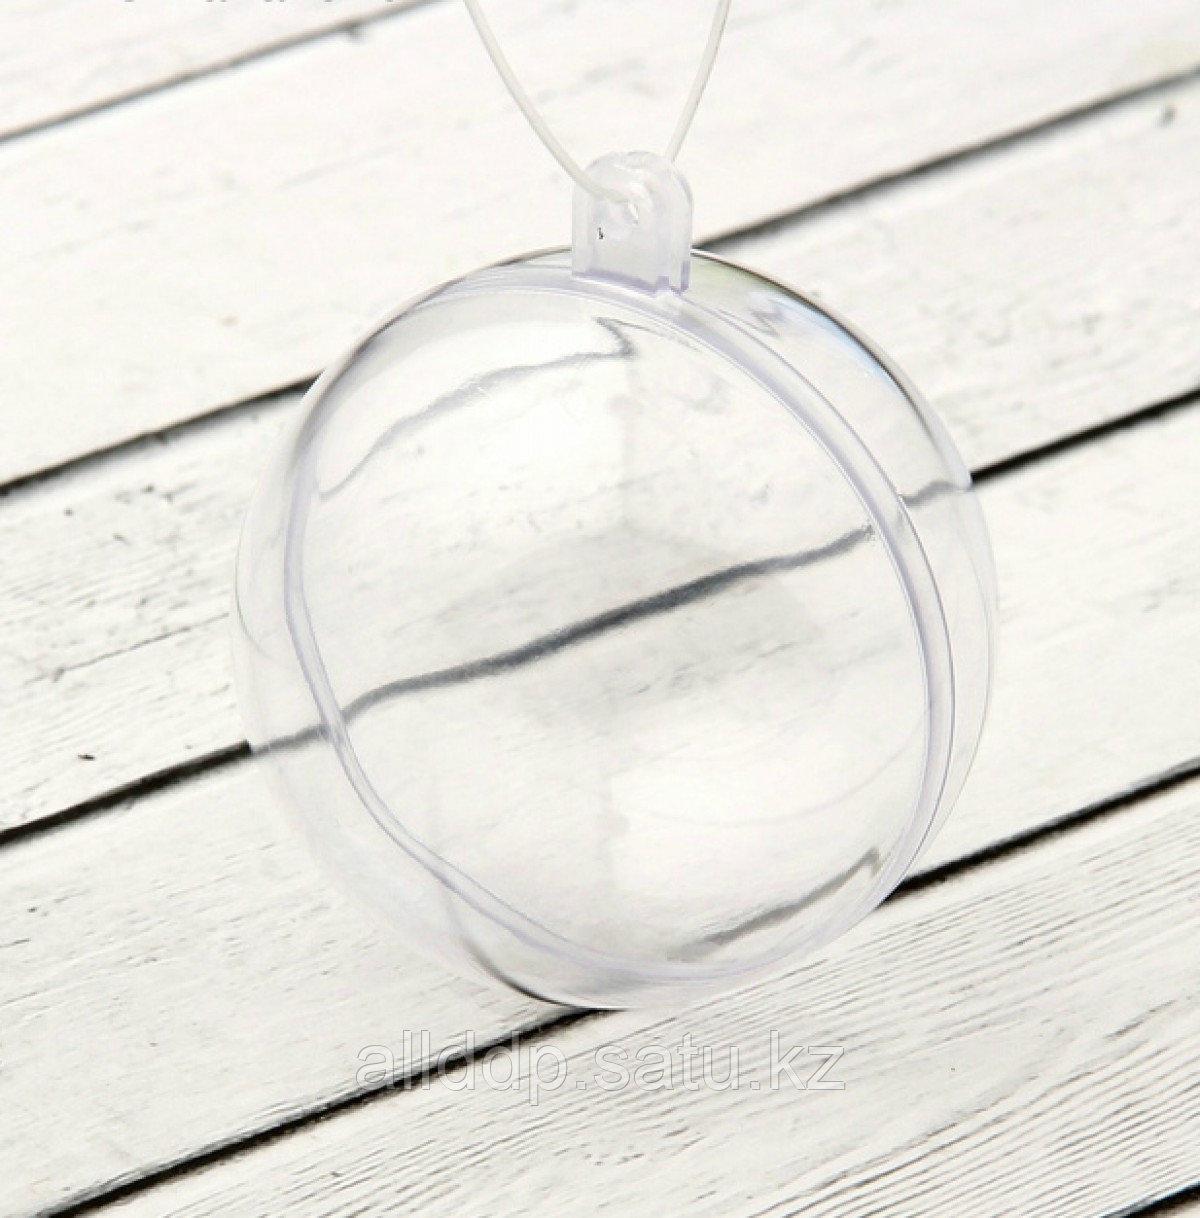 Заготовка - подвеска, раздельные части - Шар, диаметр собранного 10 см - фото 4